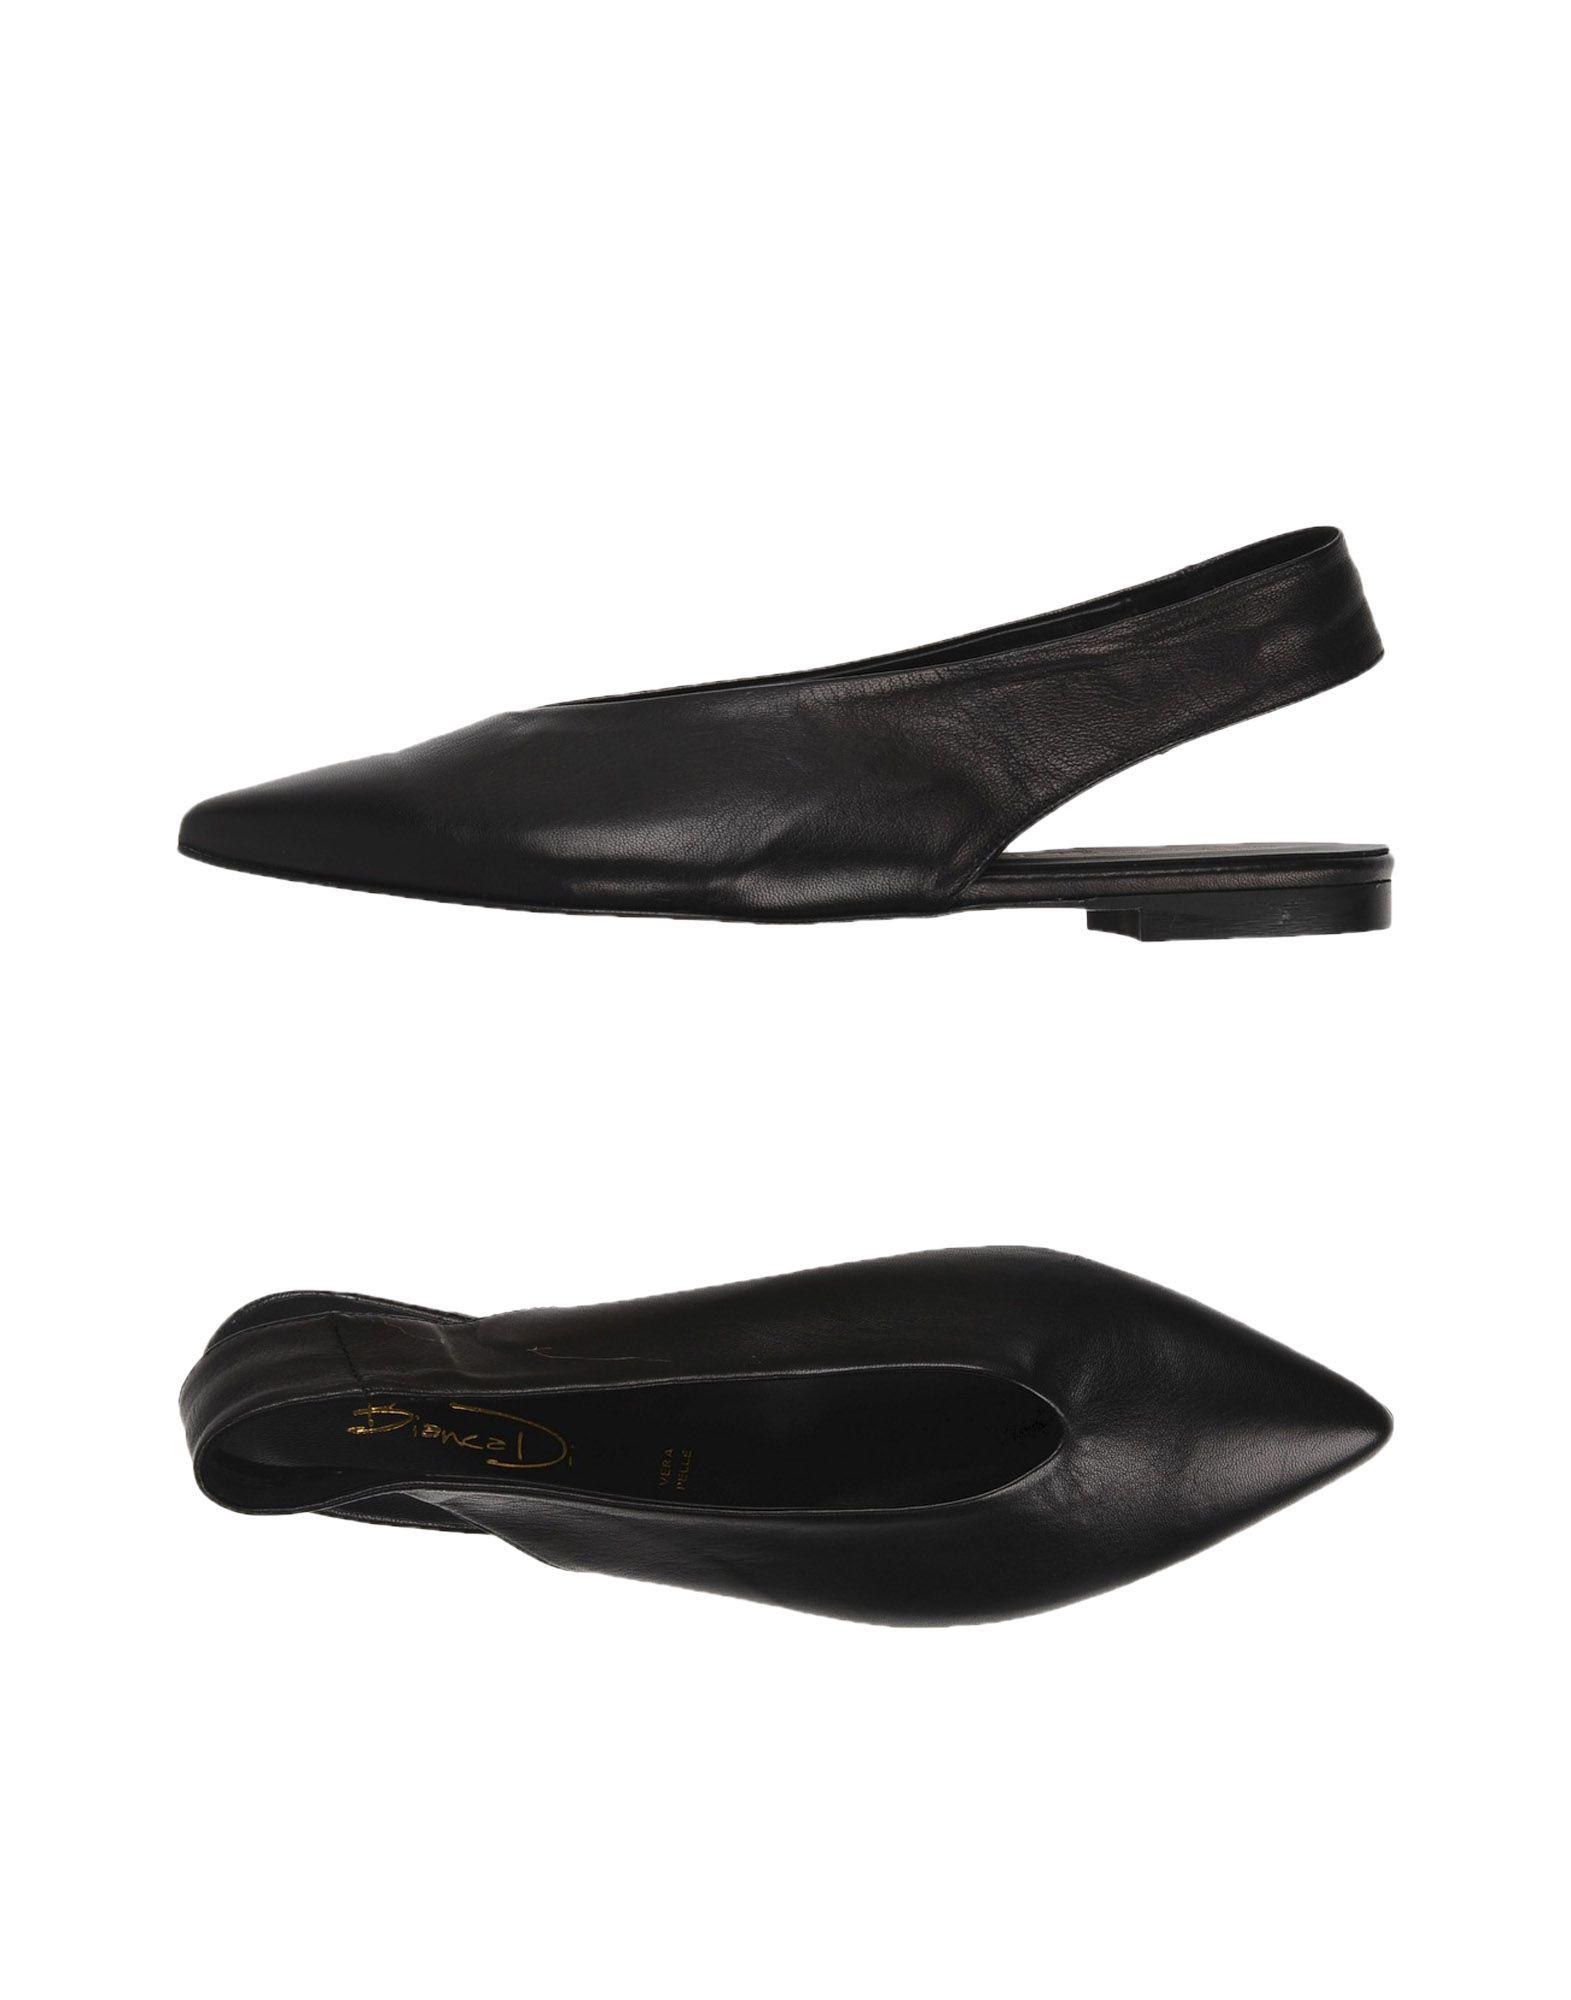 Bianca Di Ballerinas Damen  11440973KP Gute Qualität beliebte Schuhe